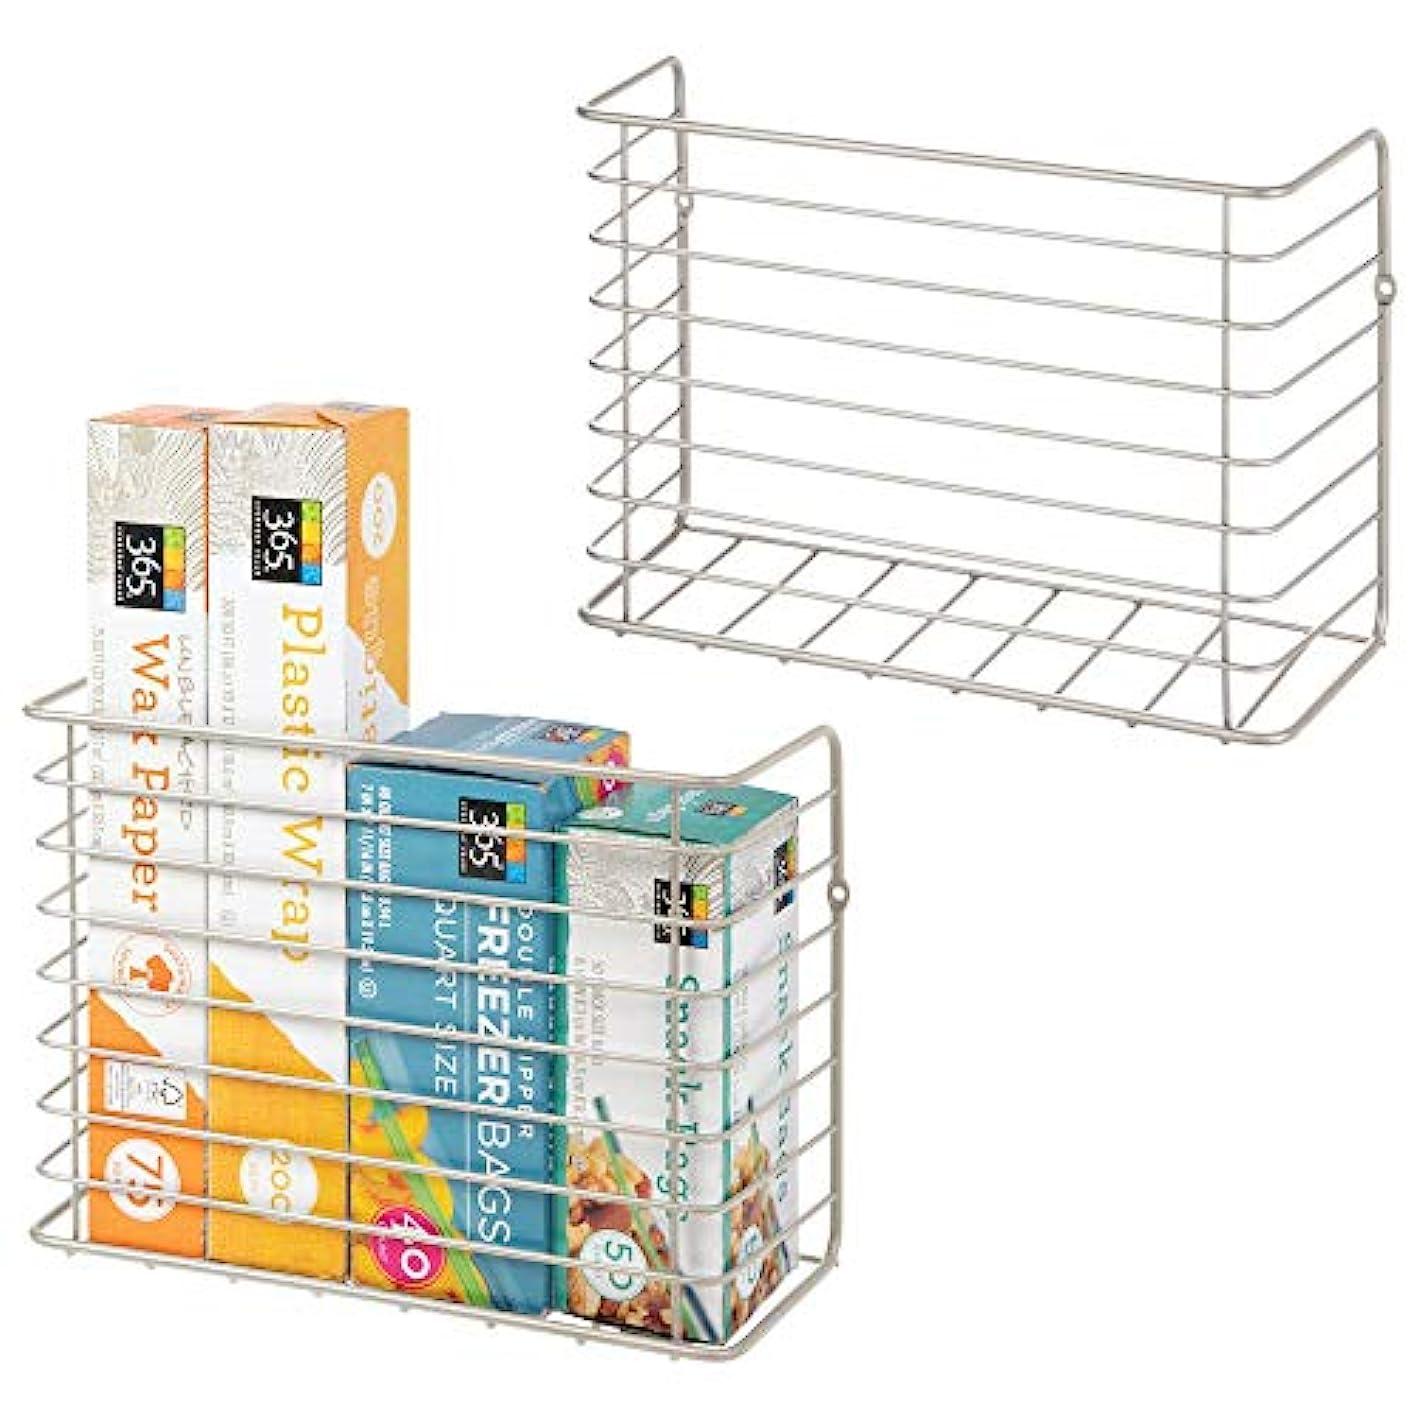 mDesign Farmhouse Metal Wire Wall & Cabinet Door Mount Kitchen Storage Organizer Basket Rack - Mount to Walls and Cabinet Doors in Kitchen, Pantry, and Under Sink - 2 Pack - Satin